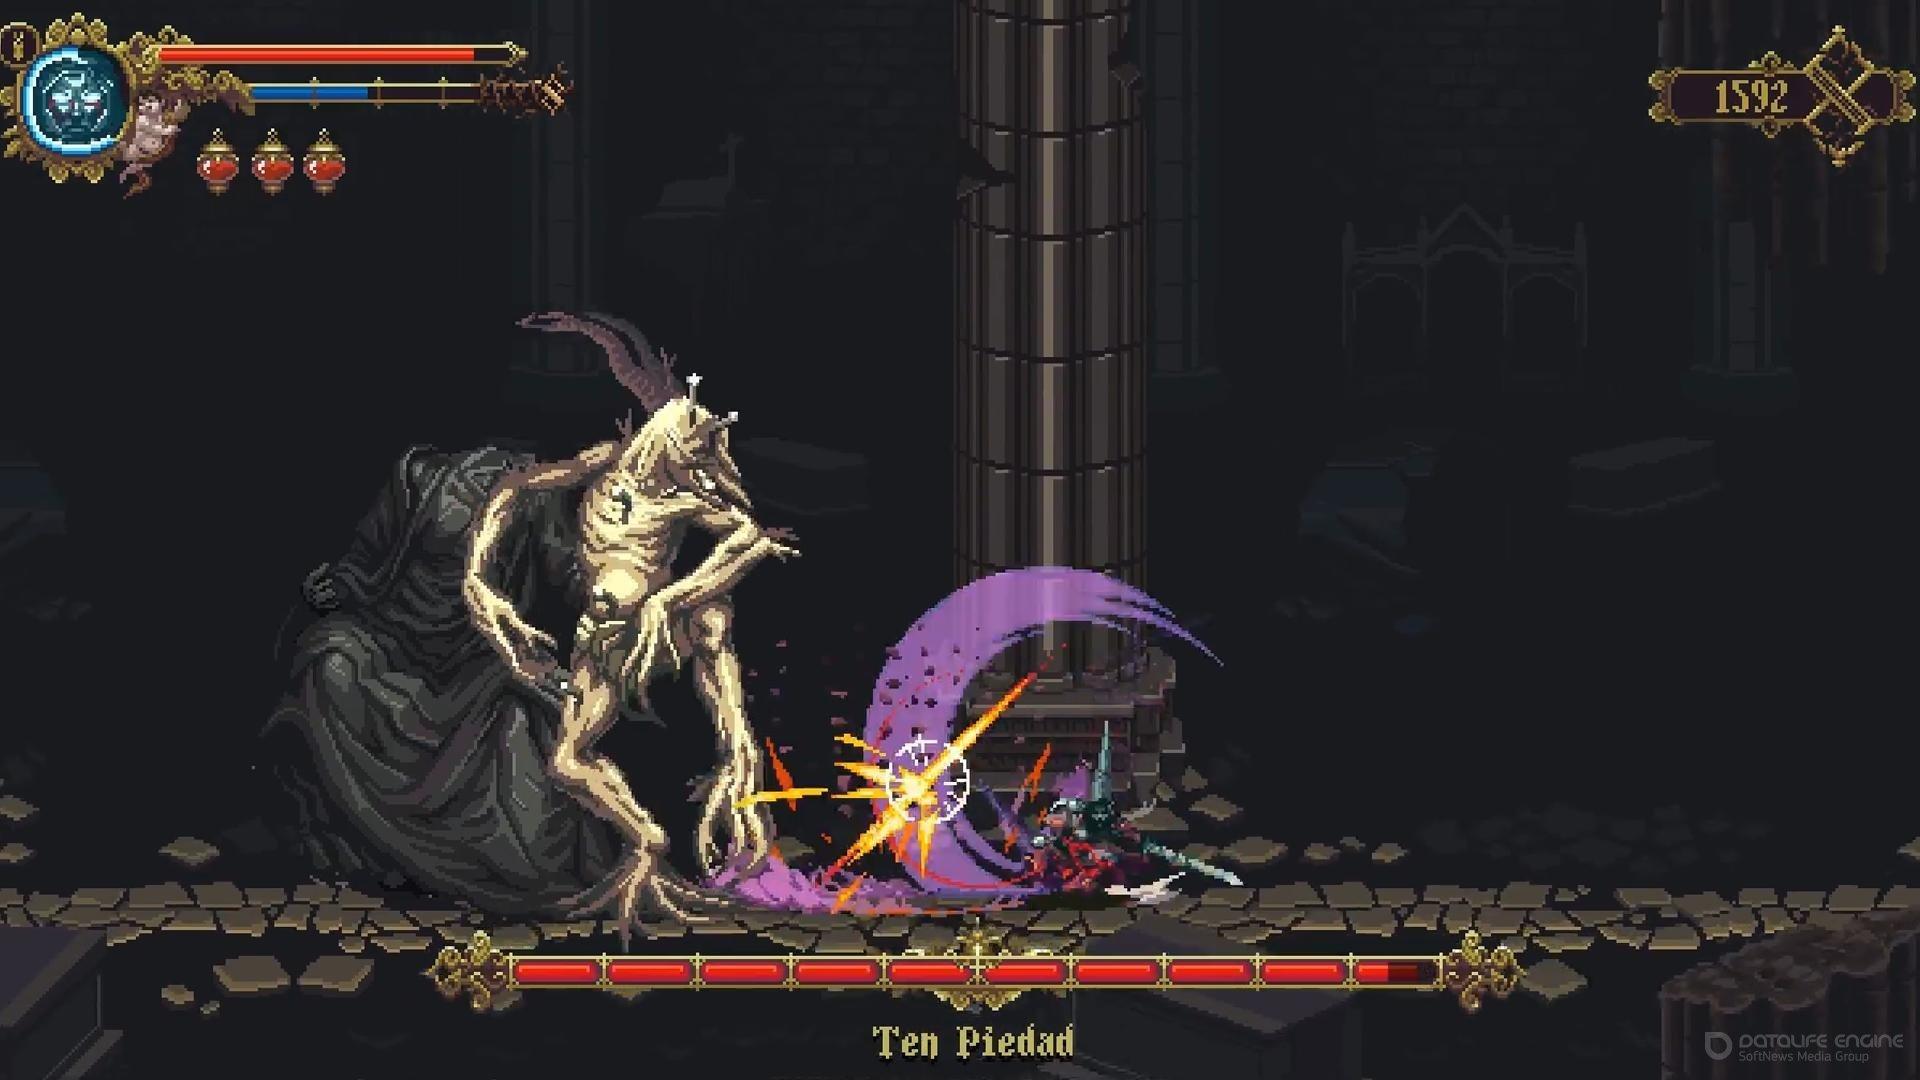 Скриншот к игре Blasphemous v.1.0.9 [GOG] (2019) скачать торрент Лицензия